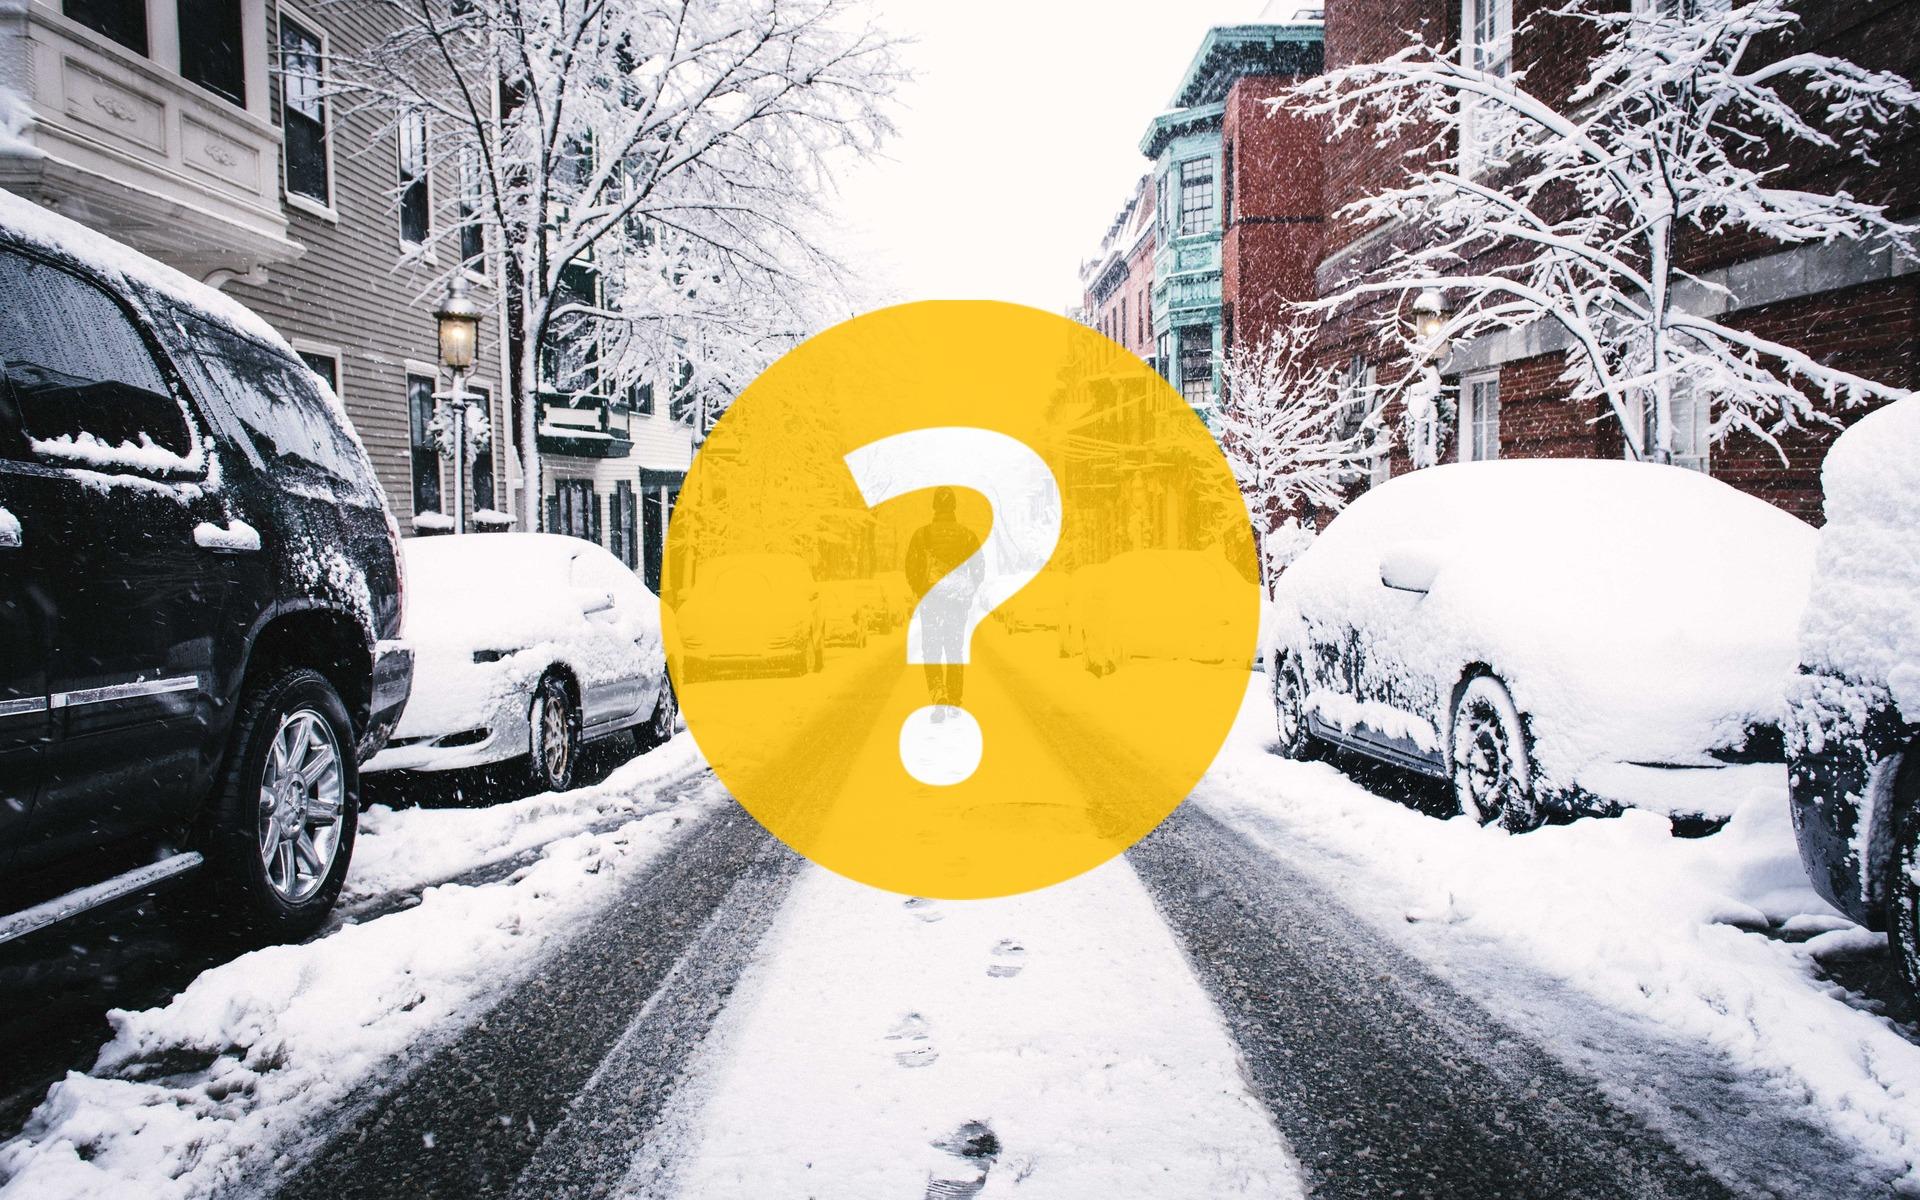 combien de temps pouvez vous laisser une voiture l ext rieur l 39 hiver sans la faire d marrer. Black Bedroom Furniture Sets. Home Design Ideas